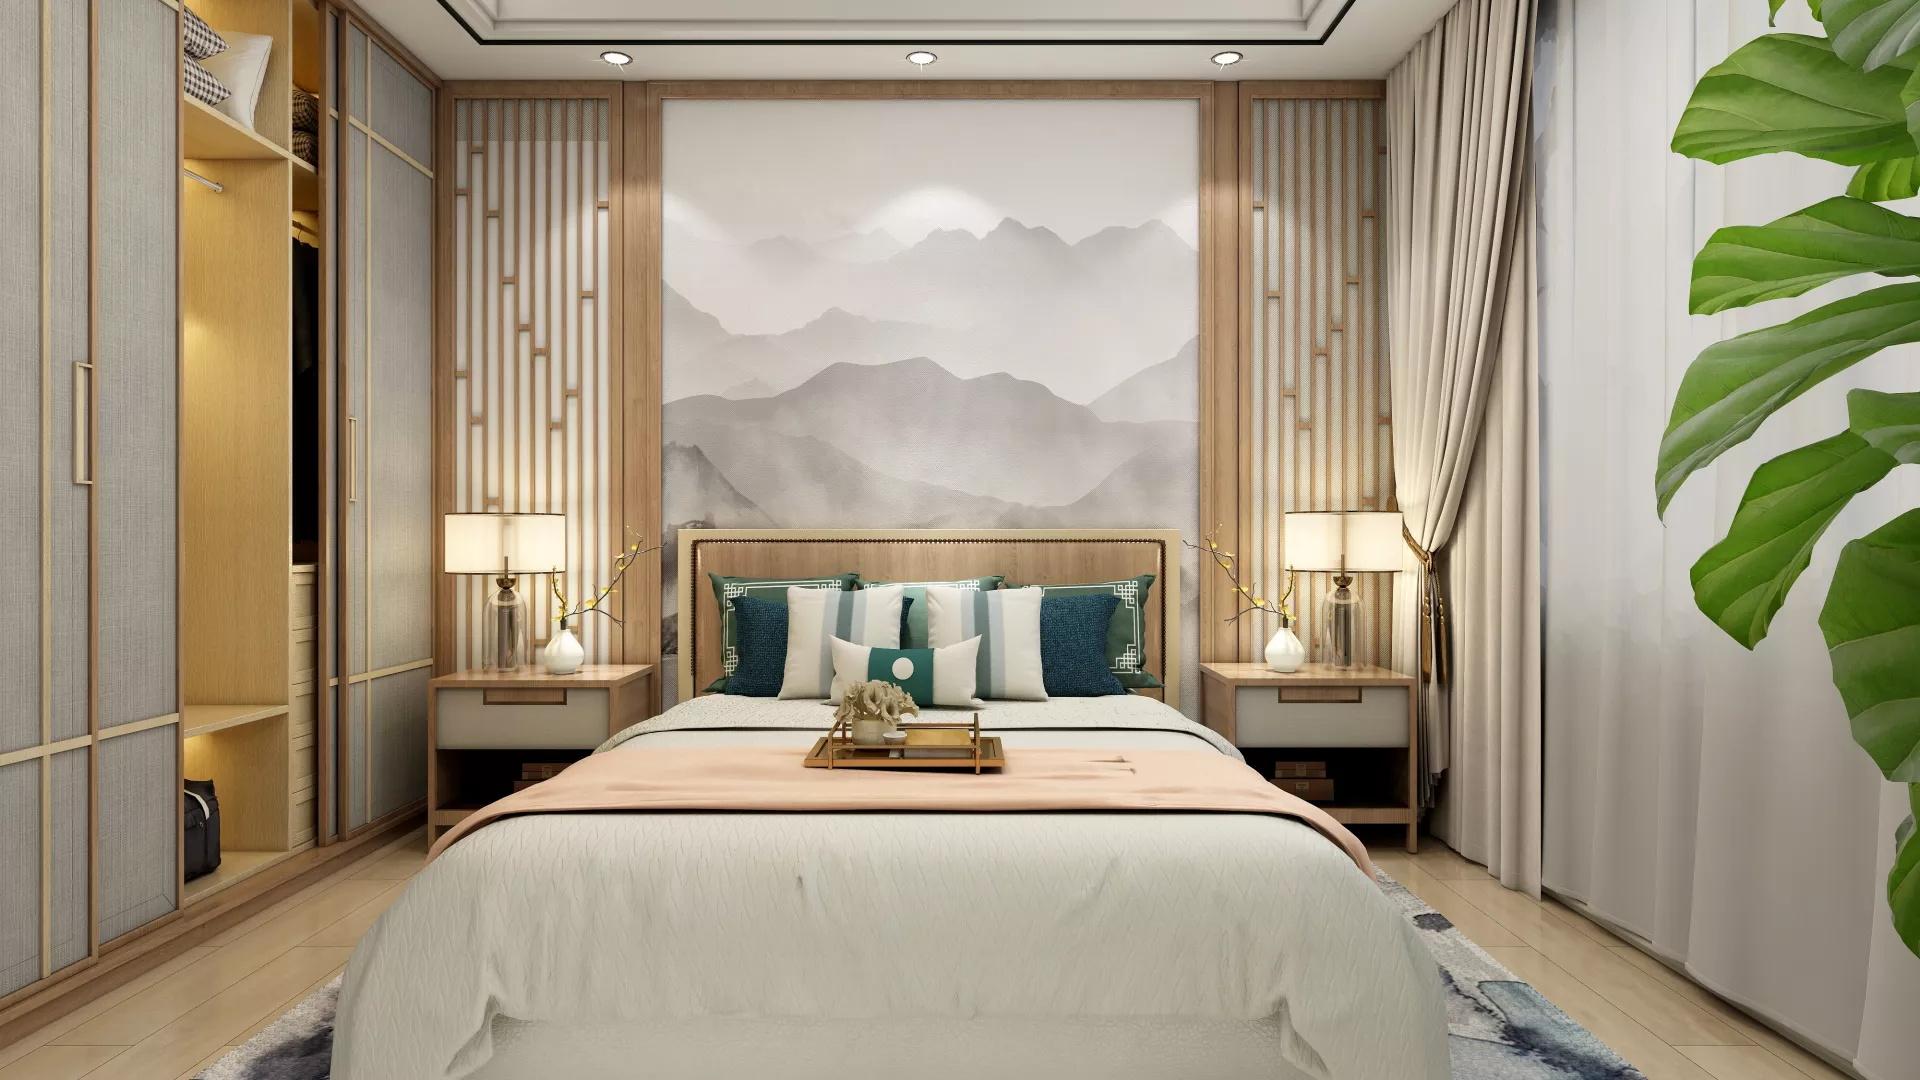 客厅铺瓷砖的优缺点 客厅铺地板的优缺点